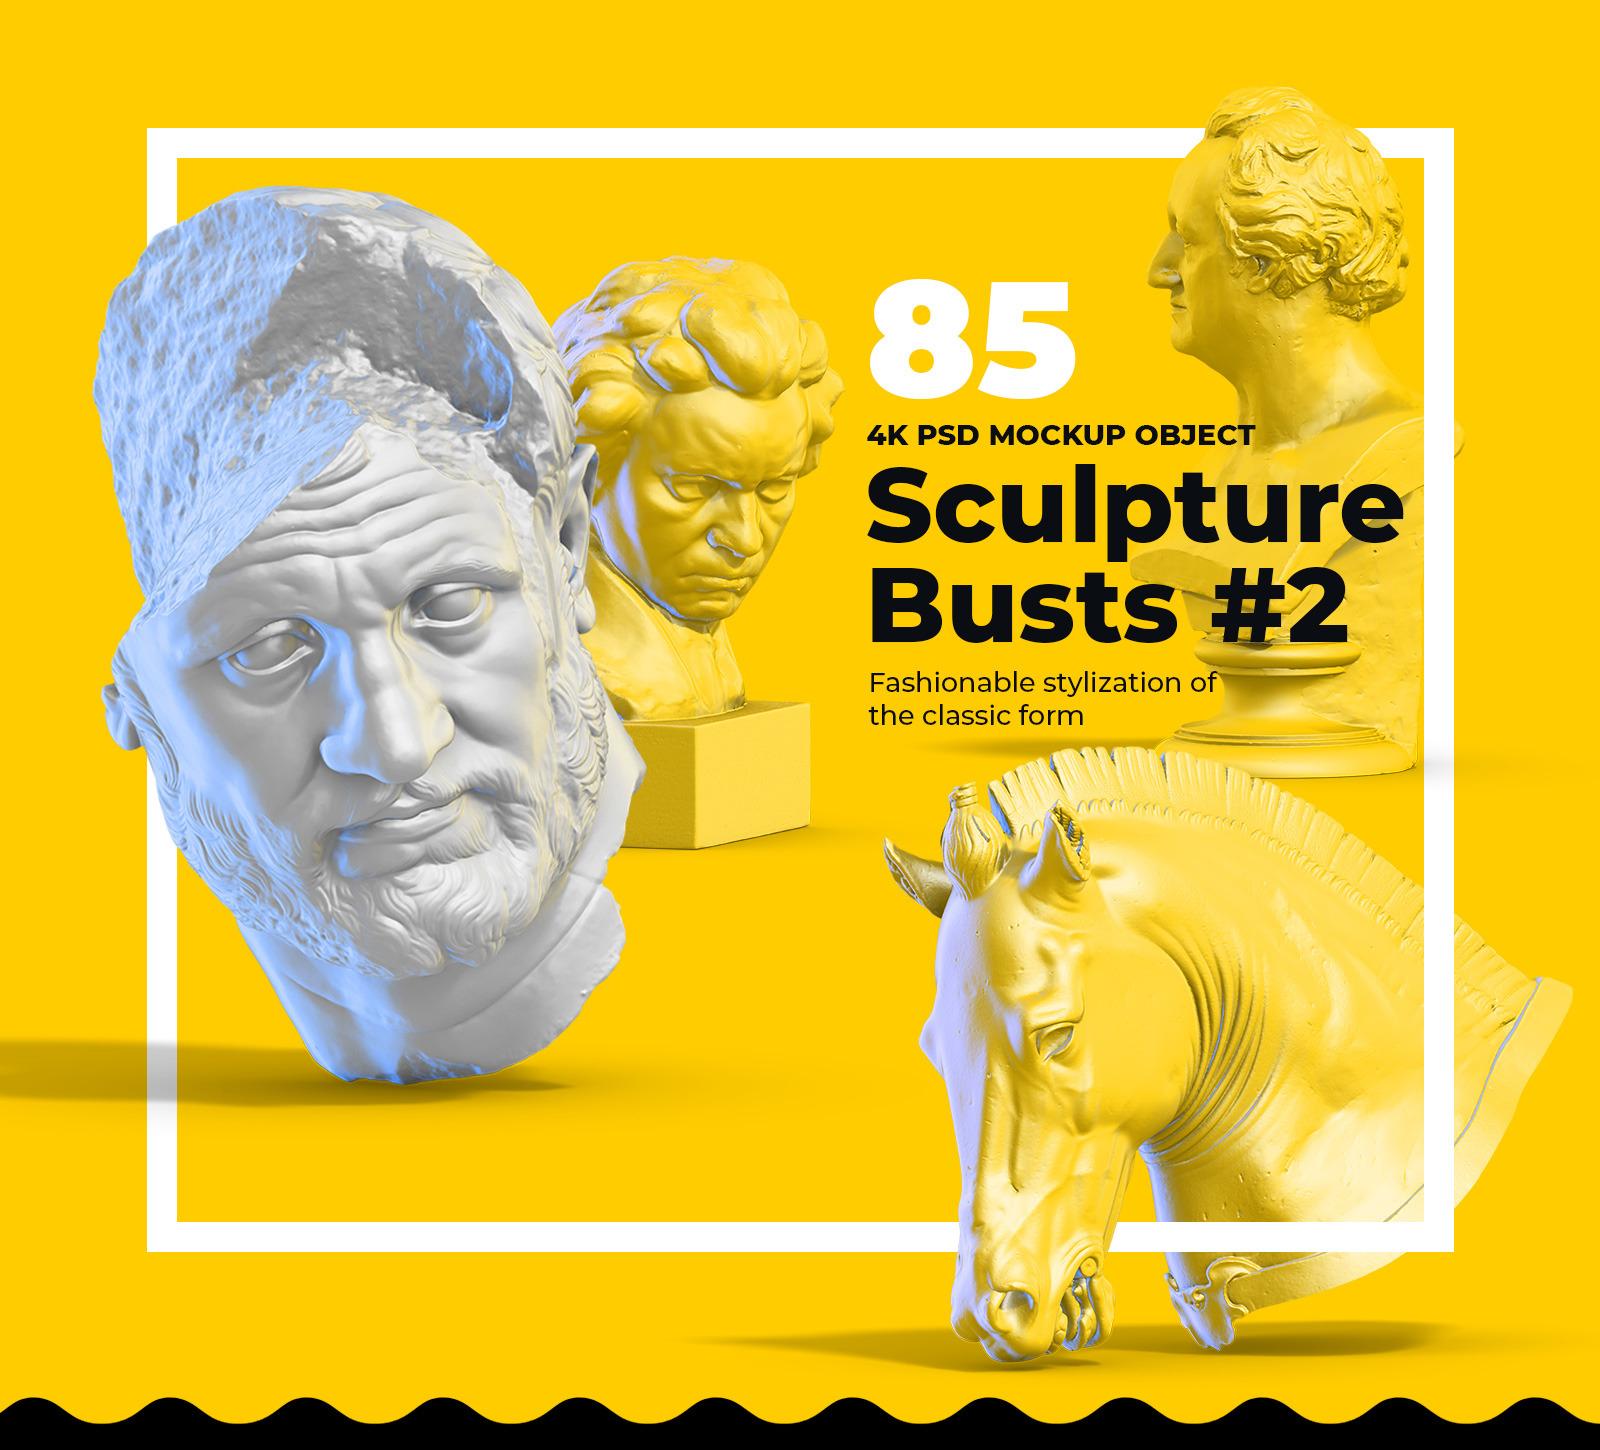 [淘宝购买] 85款多角度复古蒸汽波3D半身人物石膏雕塑Ps设计素材 Collection Of 85 Sculptures Busts插图